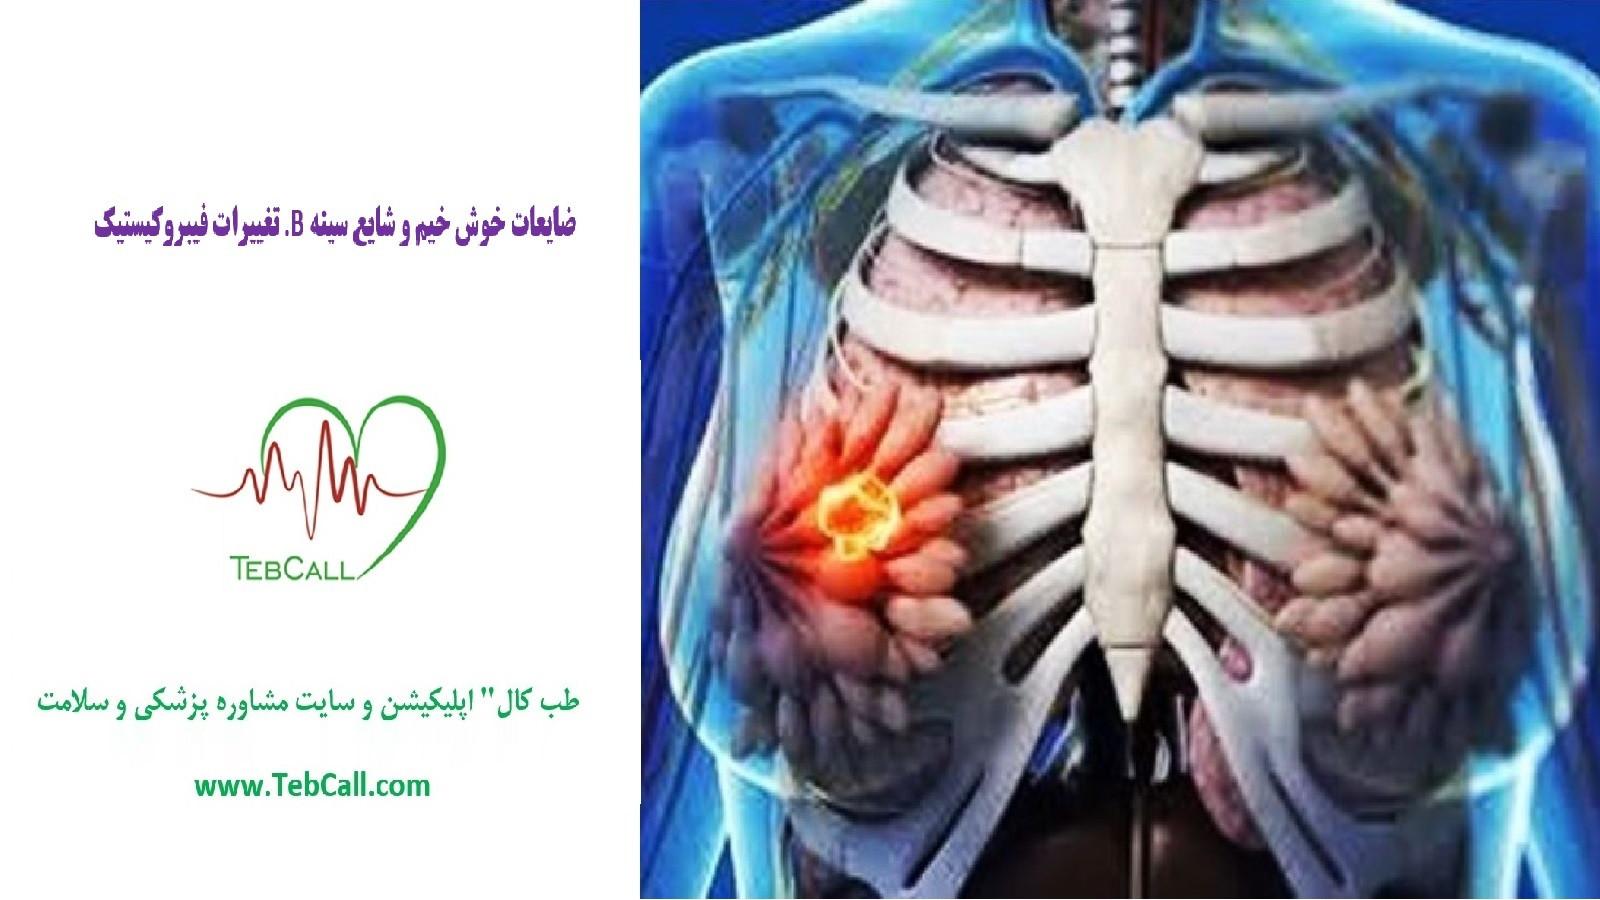 ضایعات خوش خیم و شایع سینه B. تغییرات فیبروکیستیک